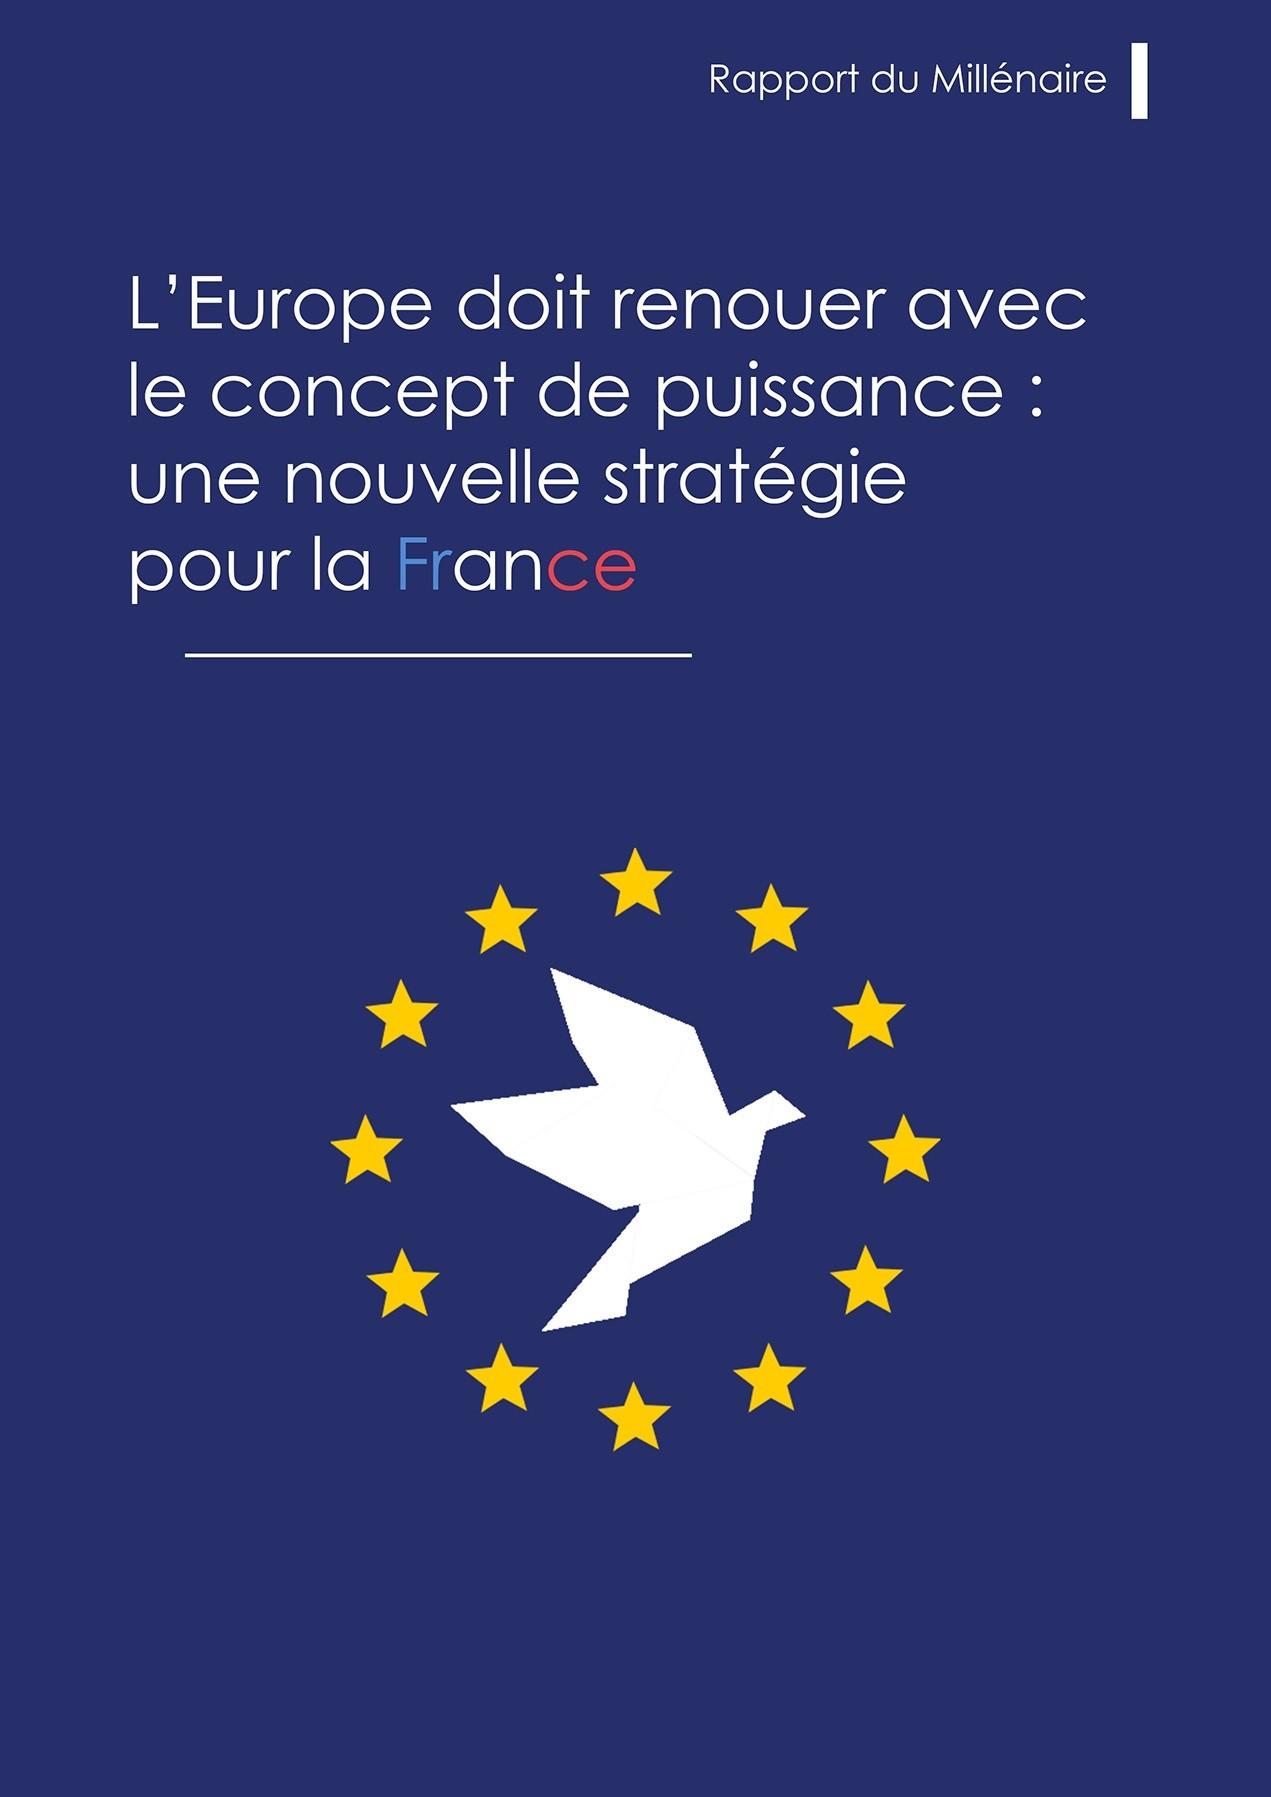 Rapport du Millénaire sur l'Europe : «l'Union européenne doit renouer avec le concept de puissance, une nouvelle stratégie française»